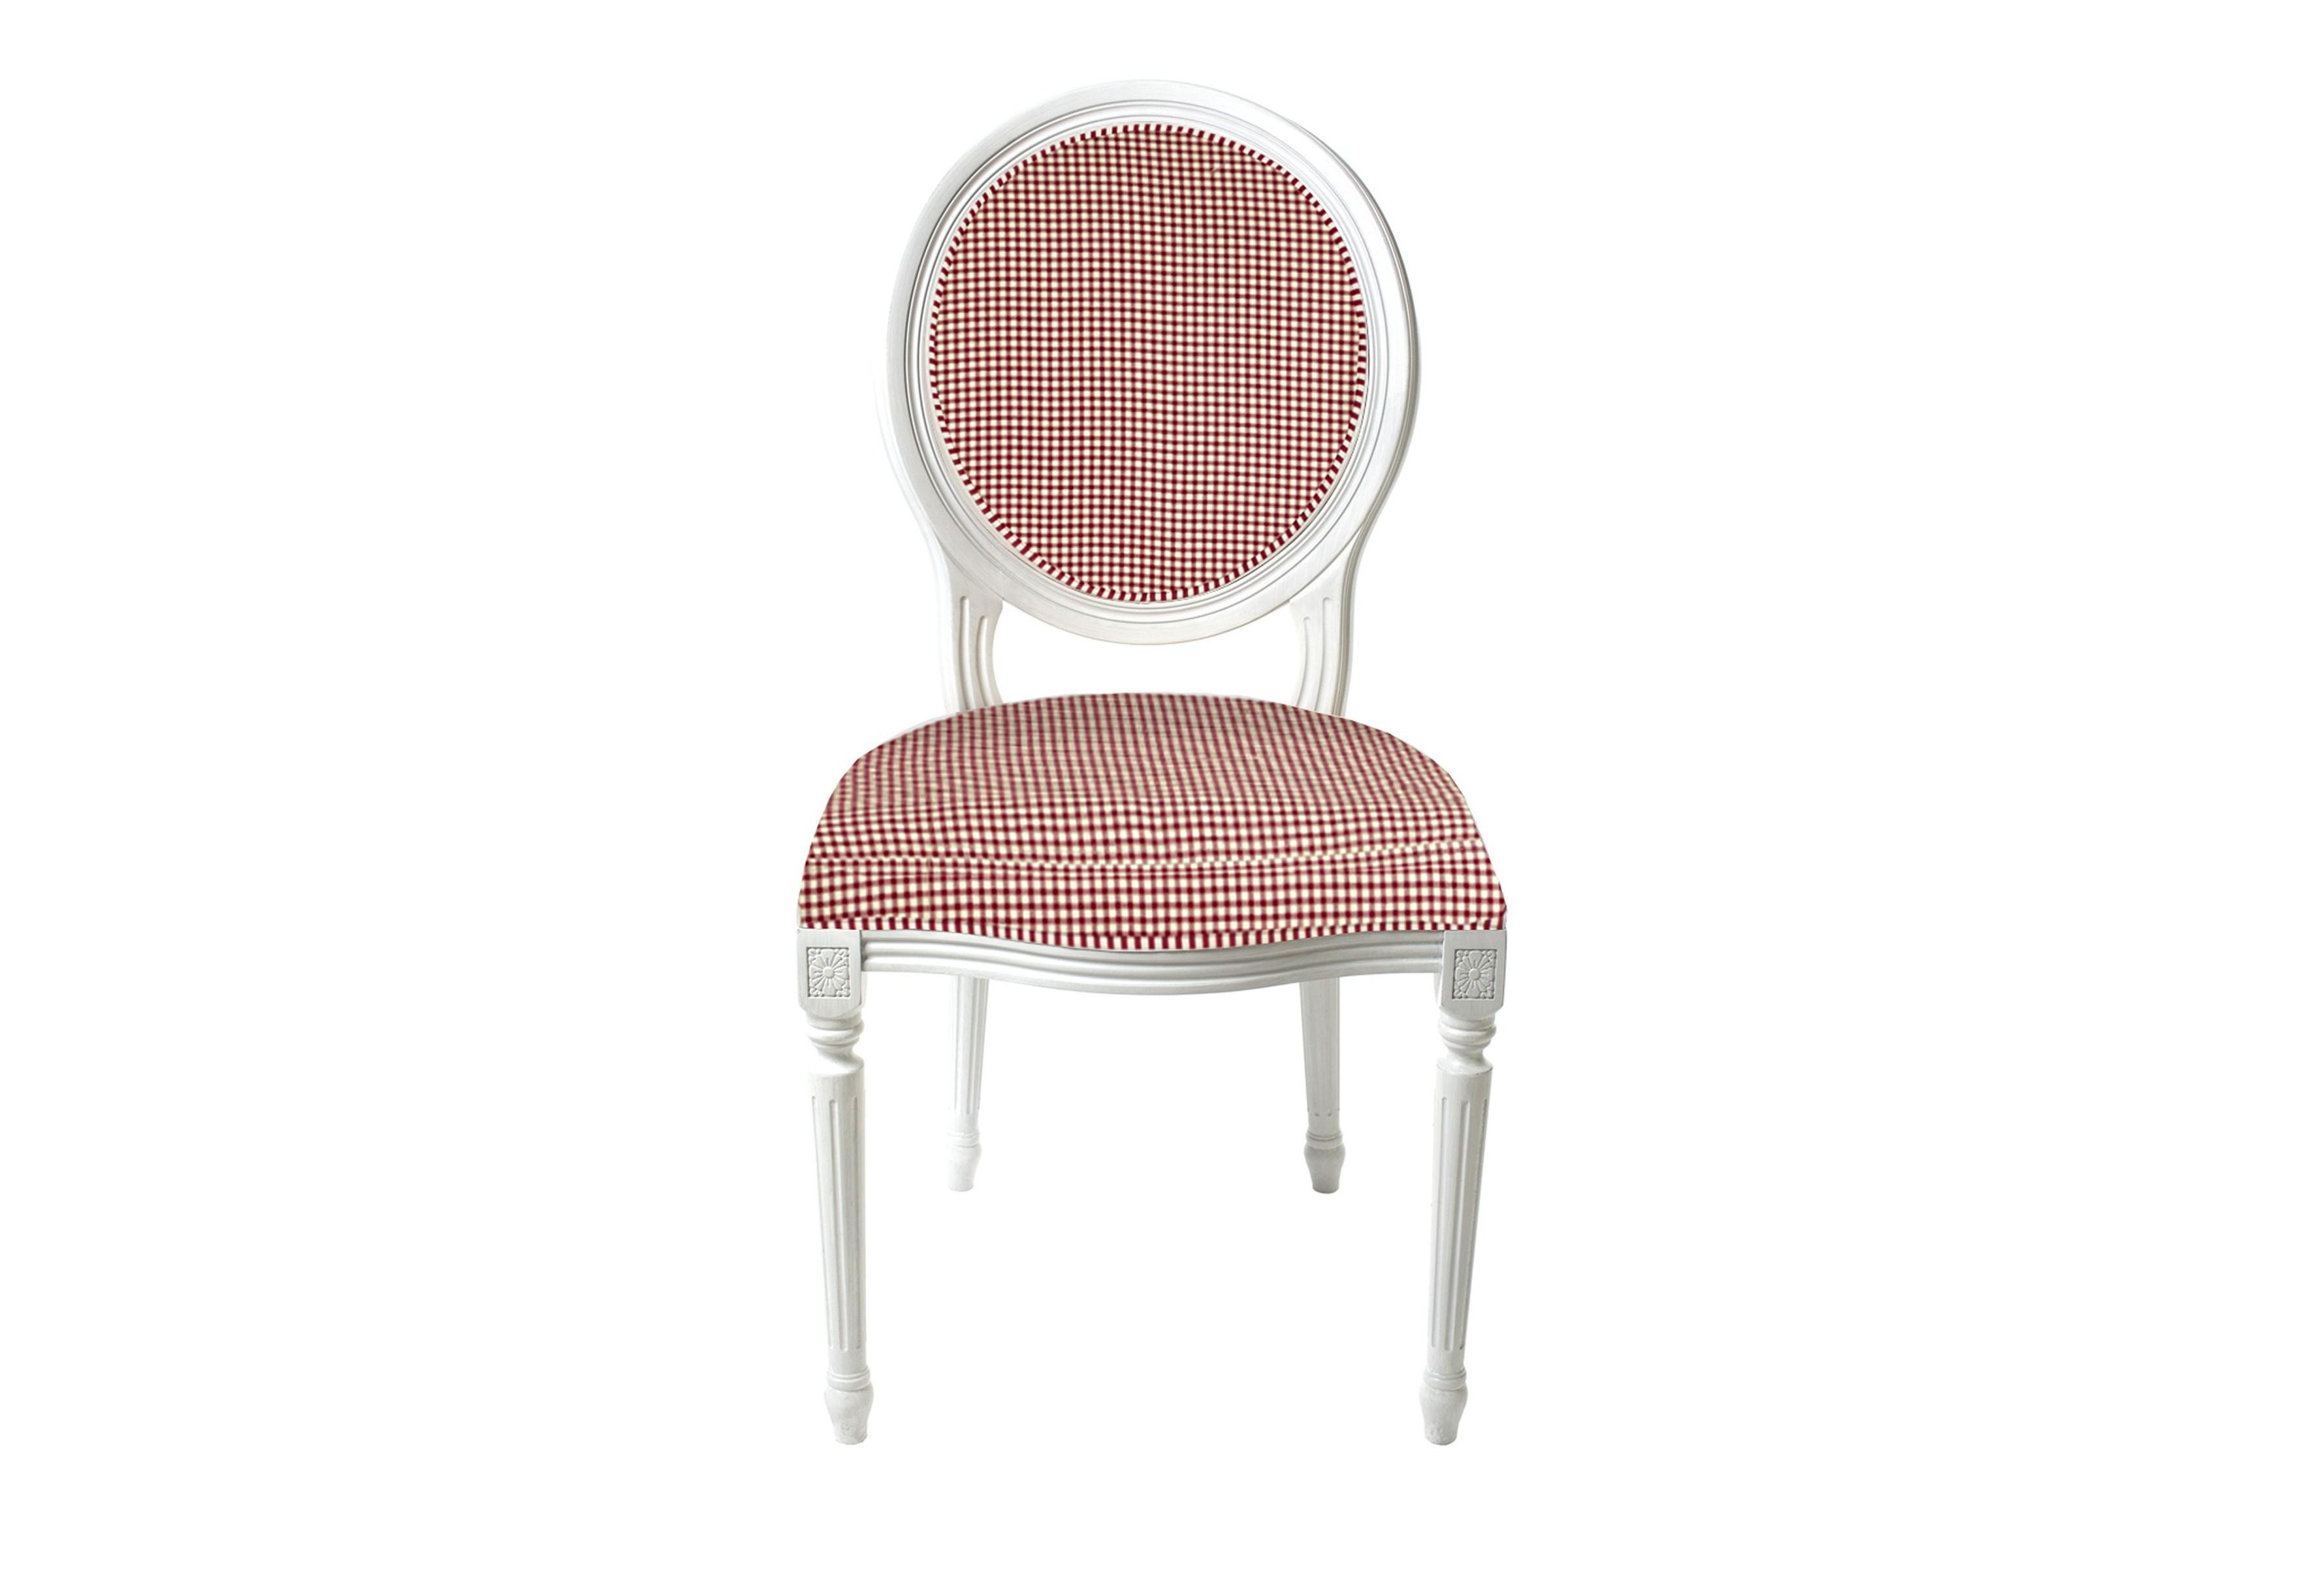 Стул Снежный ПровансОбеденные стулья<br>Белая мебель Прованс для гостиной, спальни, столовой, кабинета отлично впишется в Ваш загородный дом. Белая высококачественная мебель &amp;quot;Снежный Прованс&amp;quot; также может послужить в качестве обстановки детской комнаты подростка. Это функциональная удобная мебель европейского качества. Коллекция изготовлена из массива бука (каркасы и точеные элементы мебели) и из высококачественного МДФ (филенчатые части) и соответствует немецким стандартам для детской мебели.<br><br>Material: Дерево<br>Length см: None<br>Width см: 50<br>Depth см: 50<br>Height см: 96<br>Diameter см: None